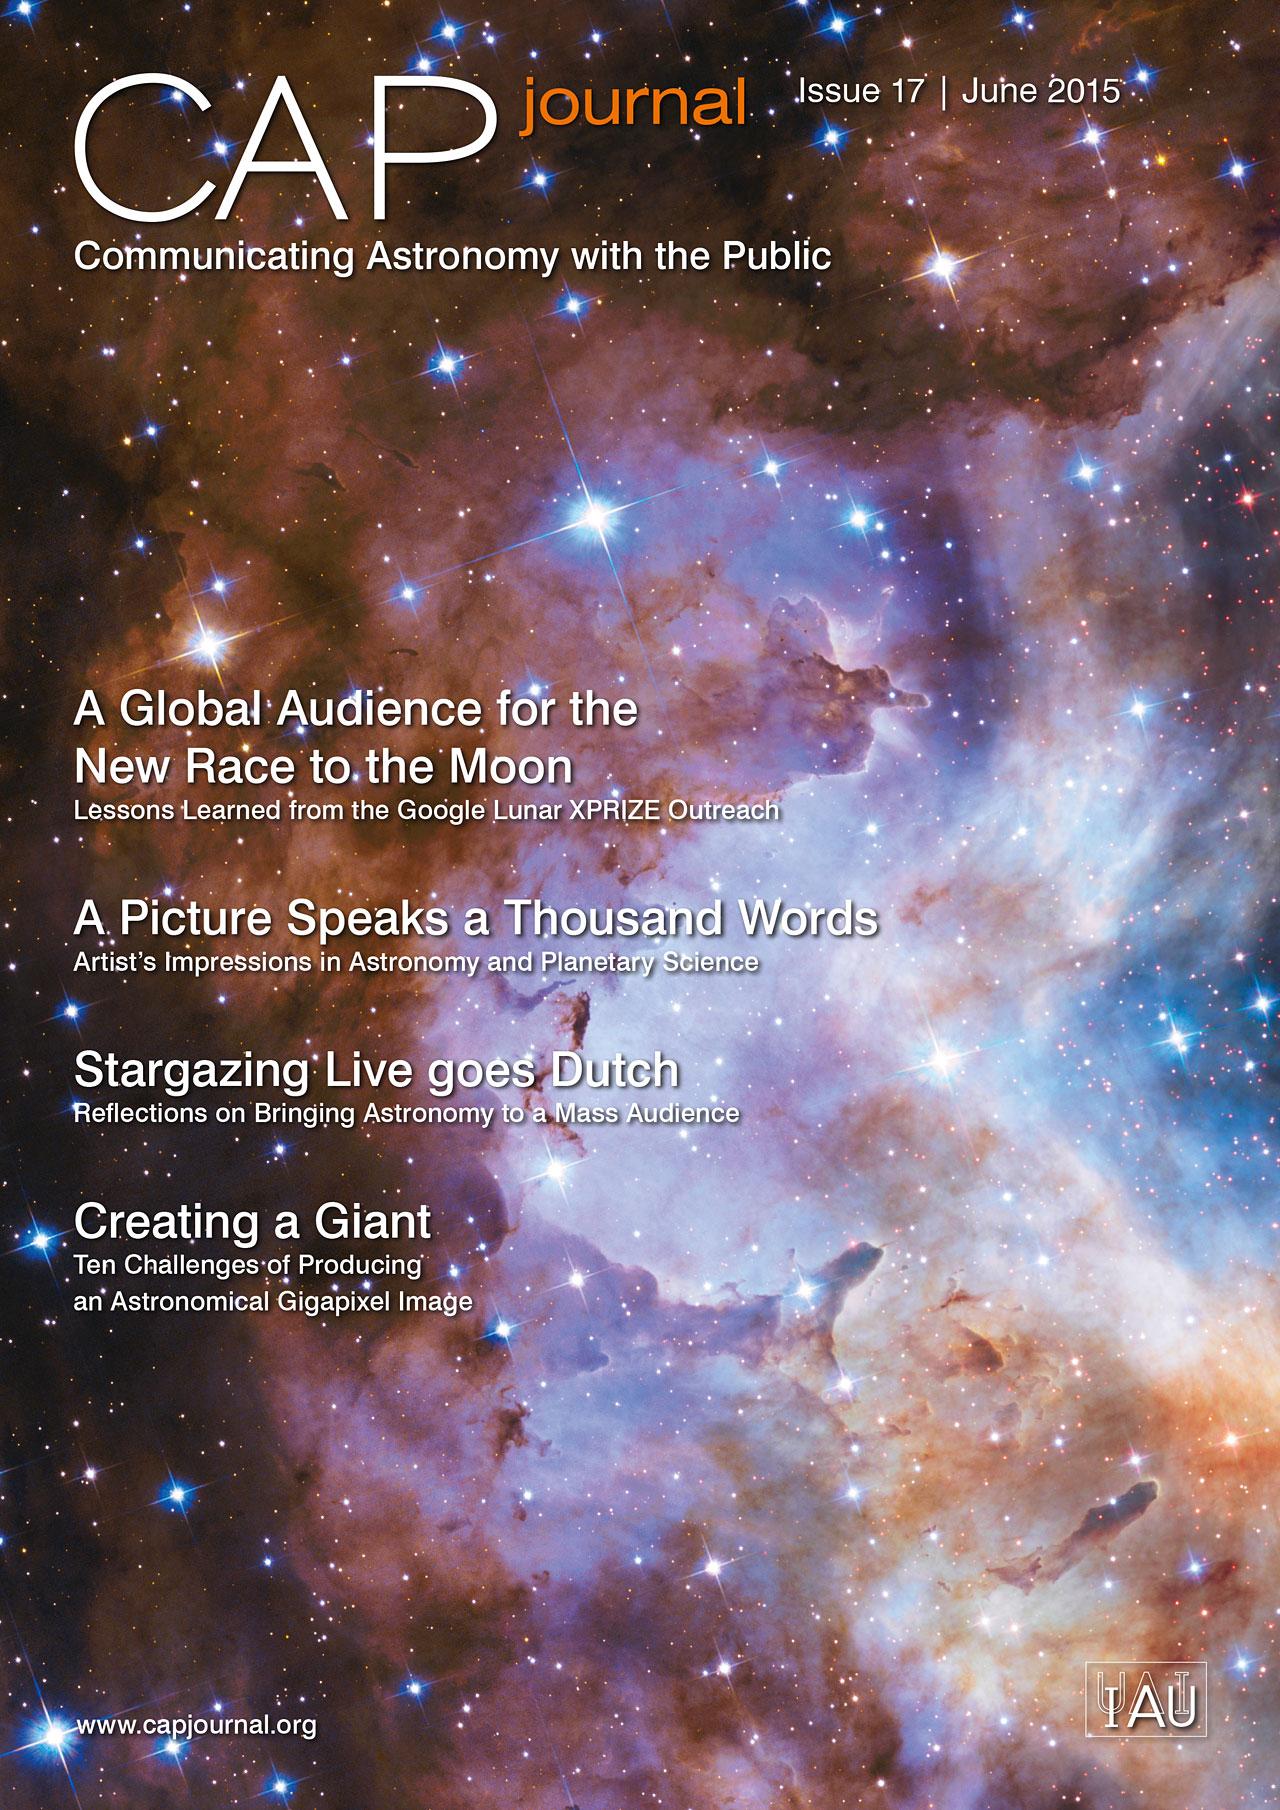 magazine cover hubble telescope - photo #9